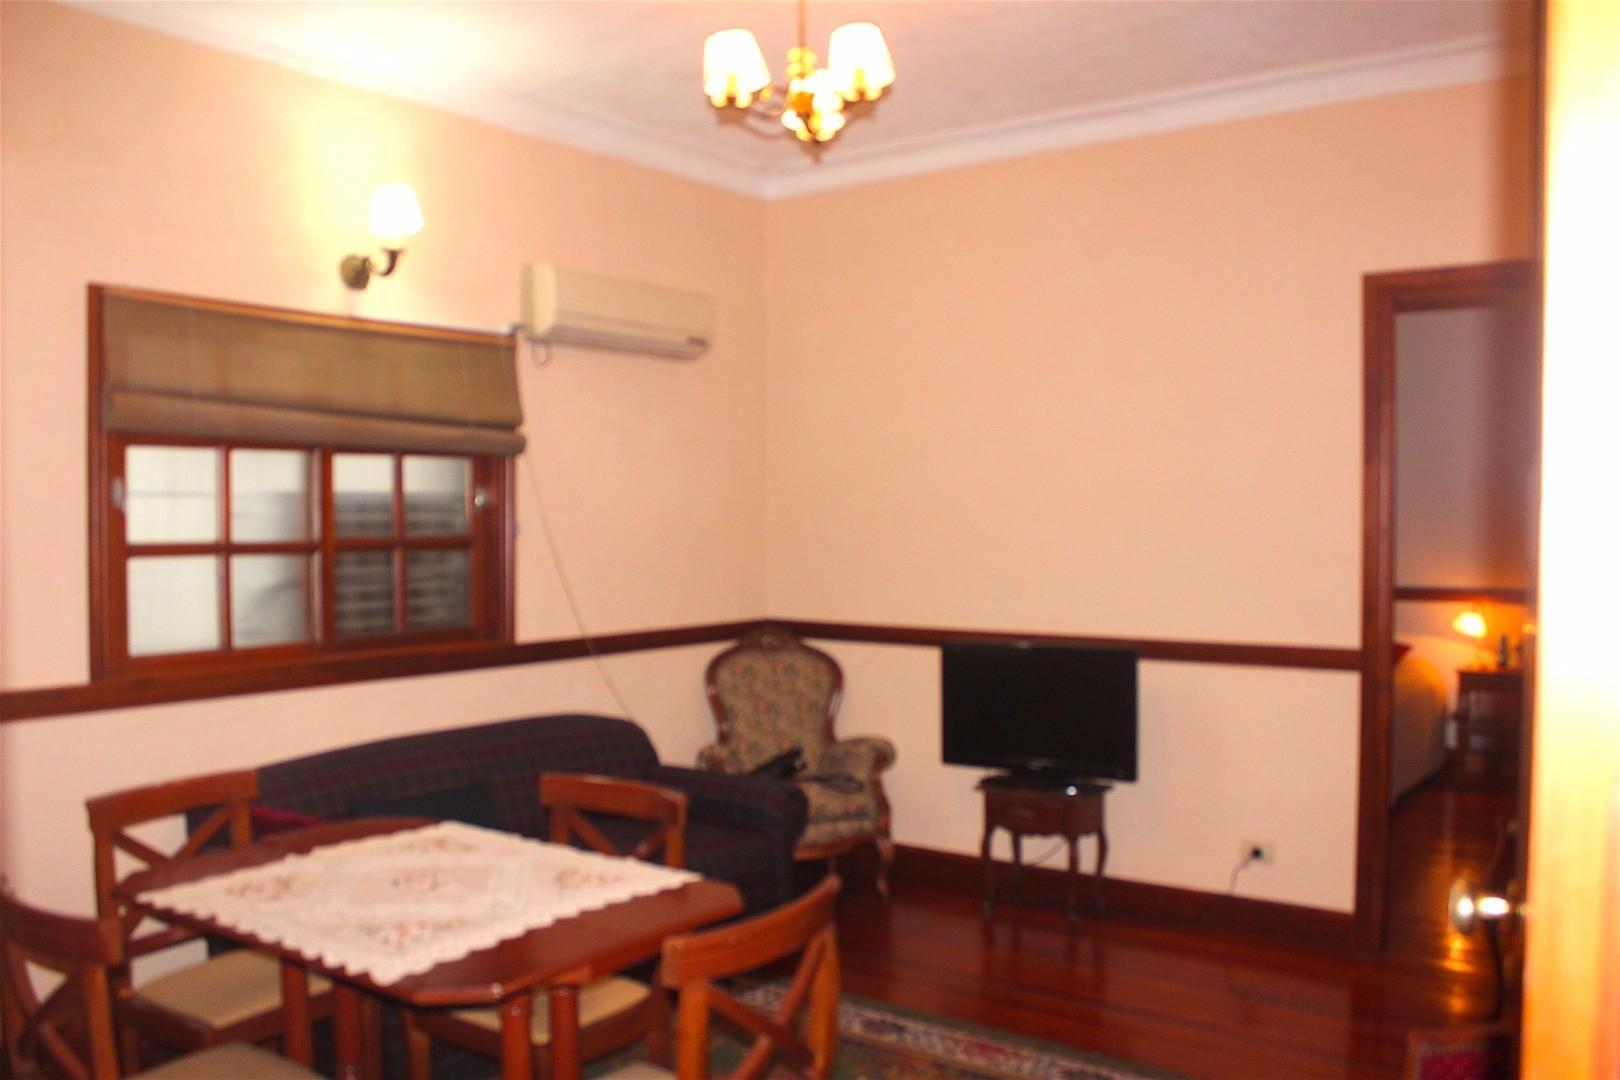 Departamento apto profesional, Corrientes y Rodriguez Peña